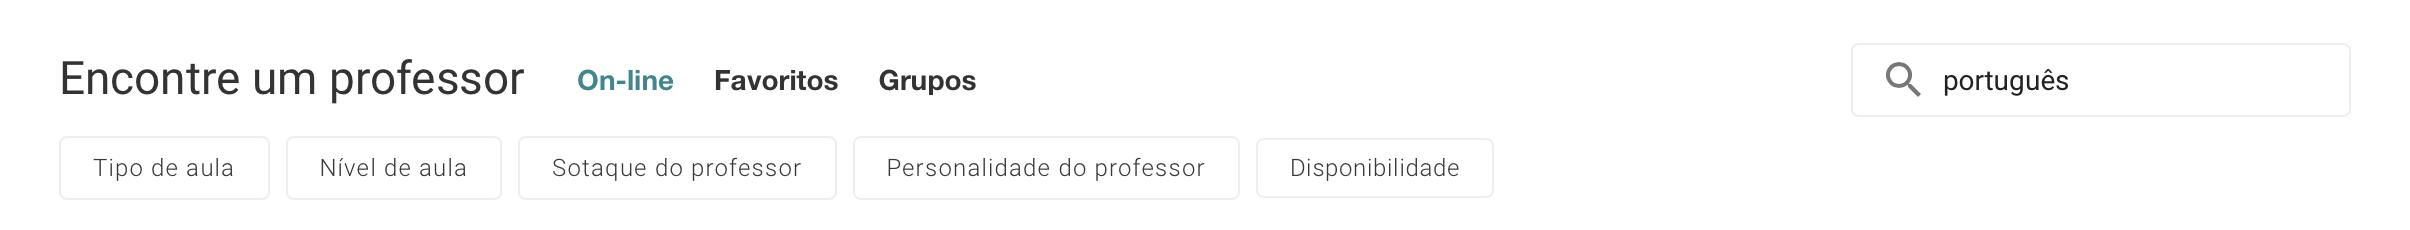 como encontrar professor que fala português no cambly